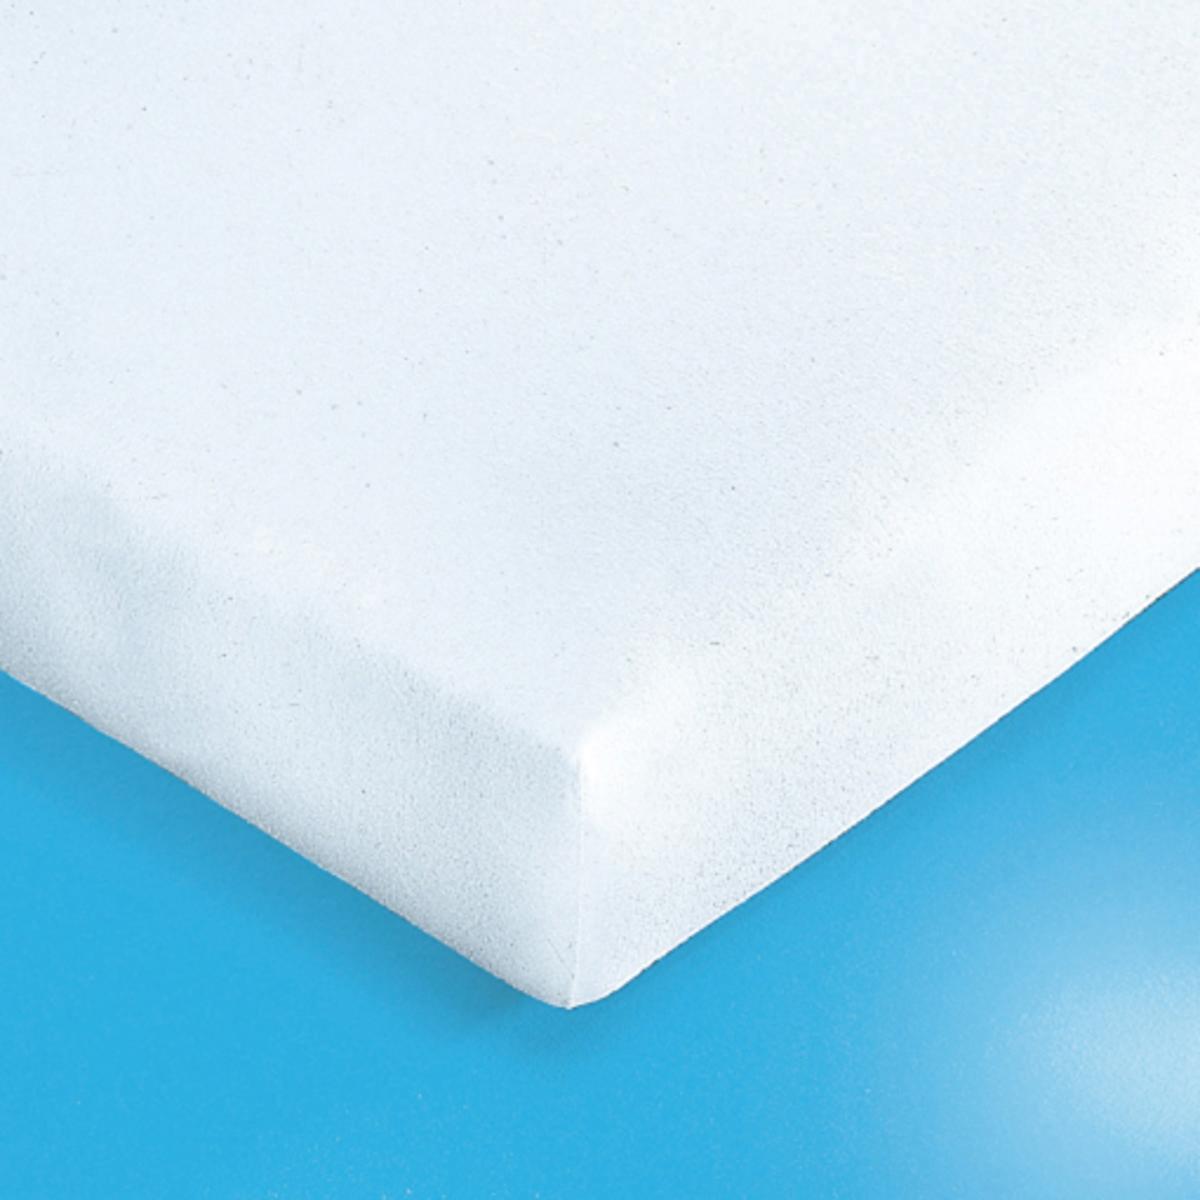 Чехол защитный на матрас из мольтона с пропиткойПодстилка в форме чехла из мольтона, 100% хлопок с начесом, оборотная сторона с акриловой пропиткой (280 г/м?), обработка SANITIZED против бактерий.Изделие с биоцидной обработкой Обеспечивает идеальную поддержку матрасов большой толщины (до 22 см).Можно кипятить при 95 °С с белизной.<br><br>Цвет: белый<br>Размер: 90 x 200 см